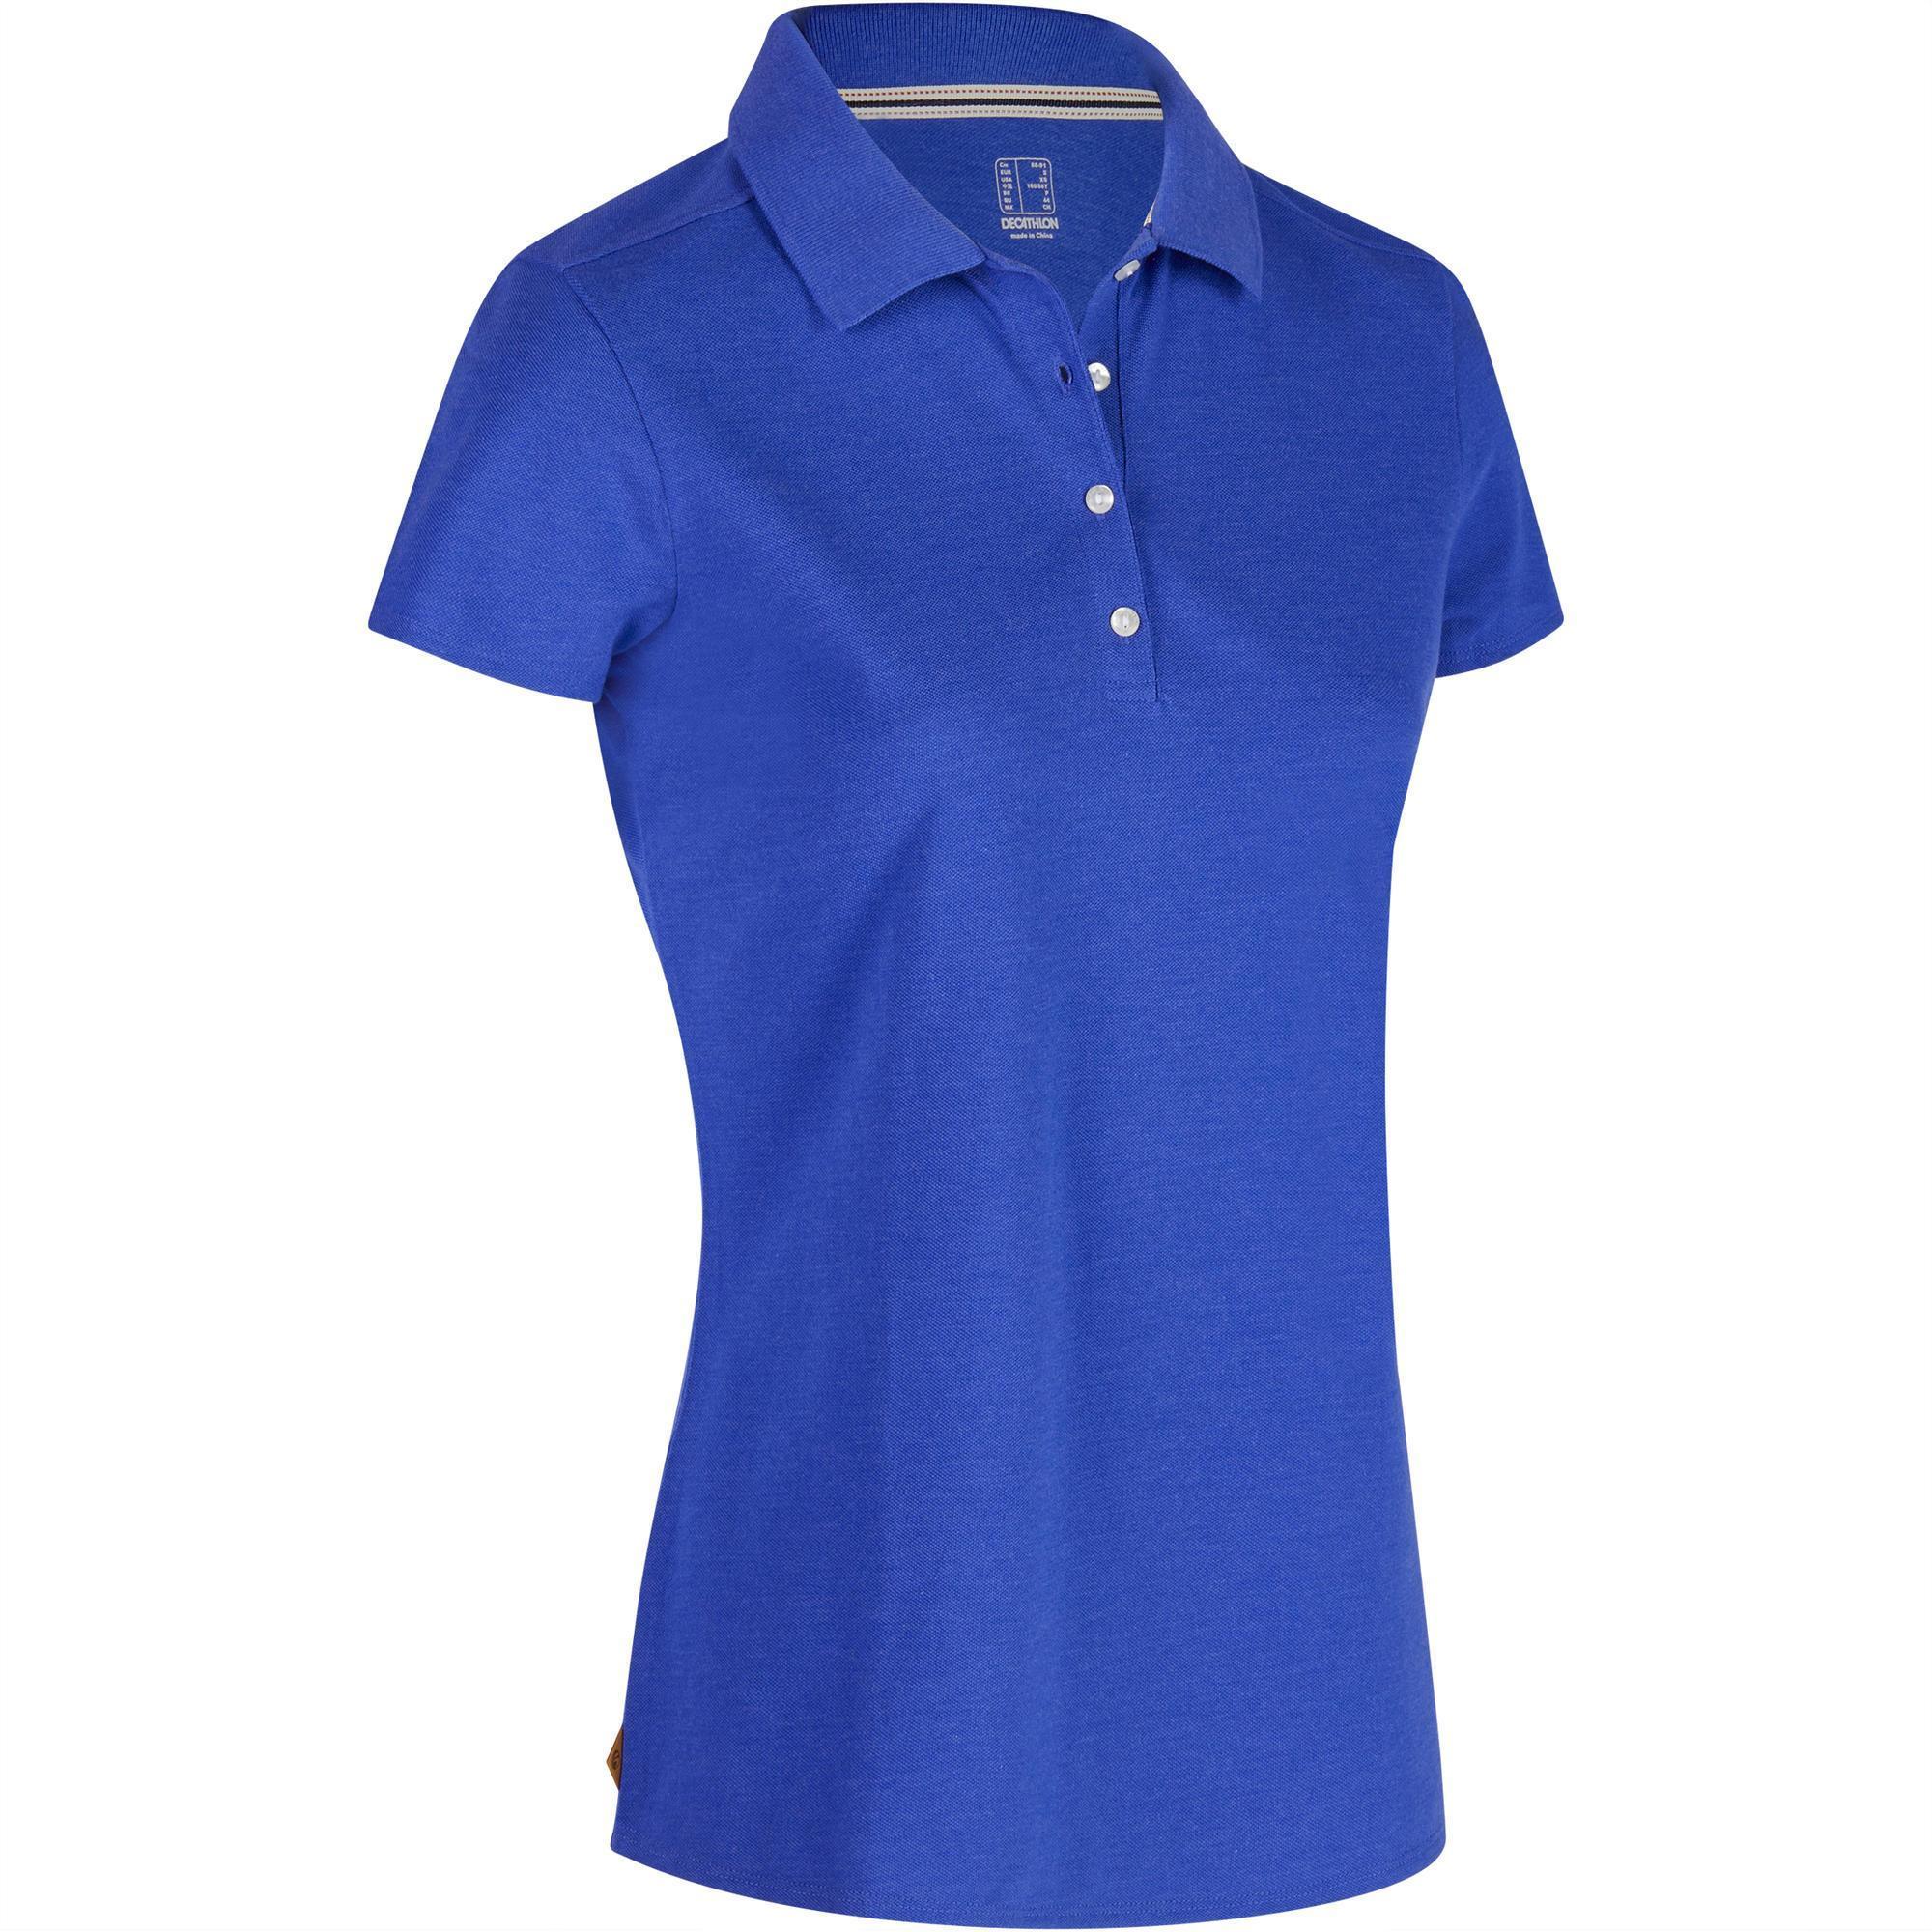 Inesis Golfpolo 500 met korte mouwen voor dames, zacht weer, gemêleerd blauw